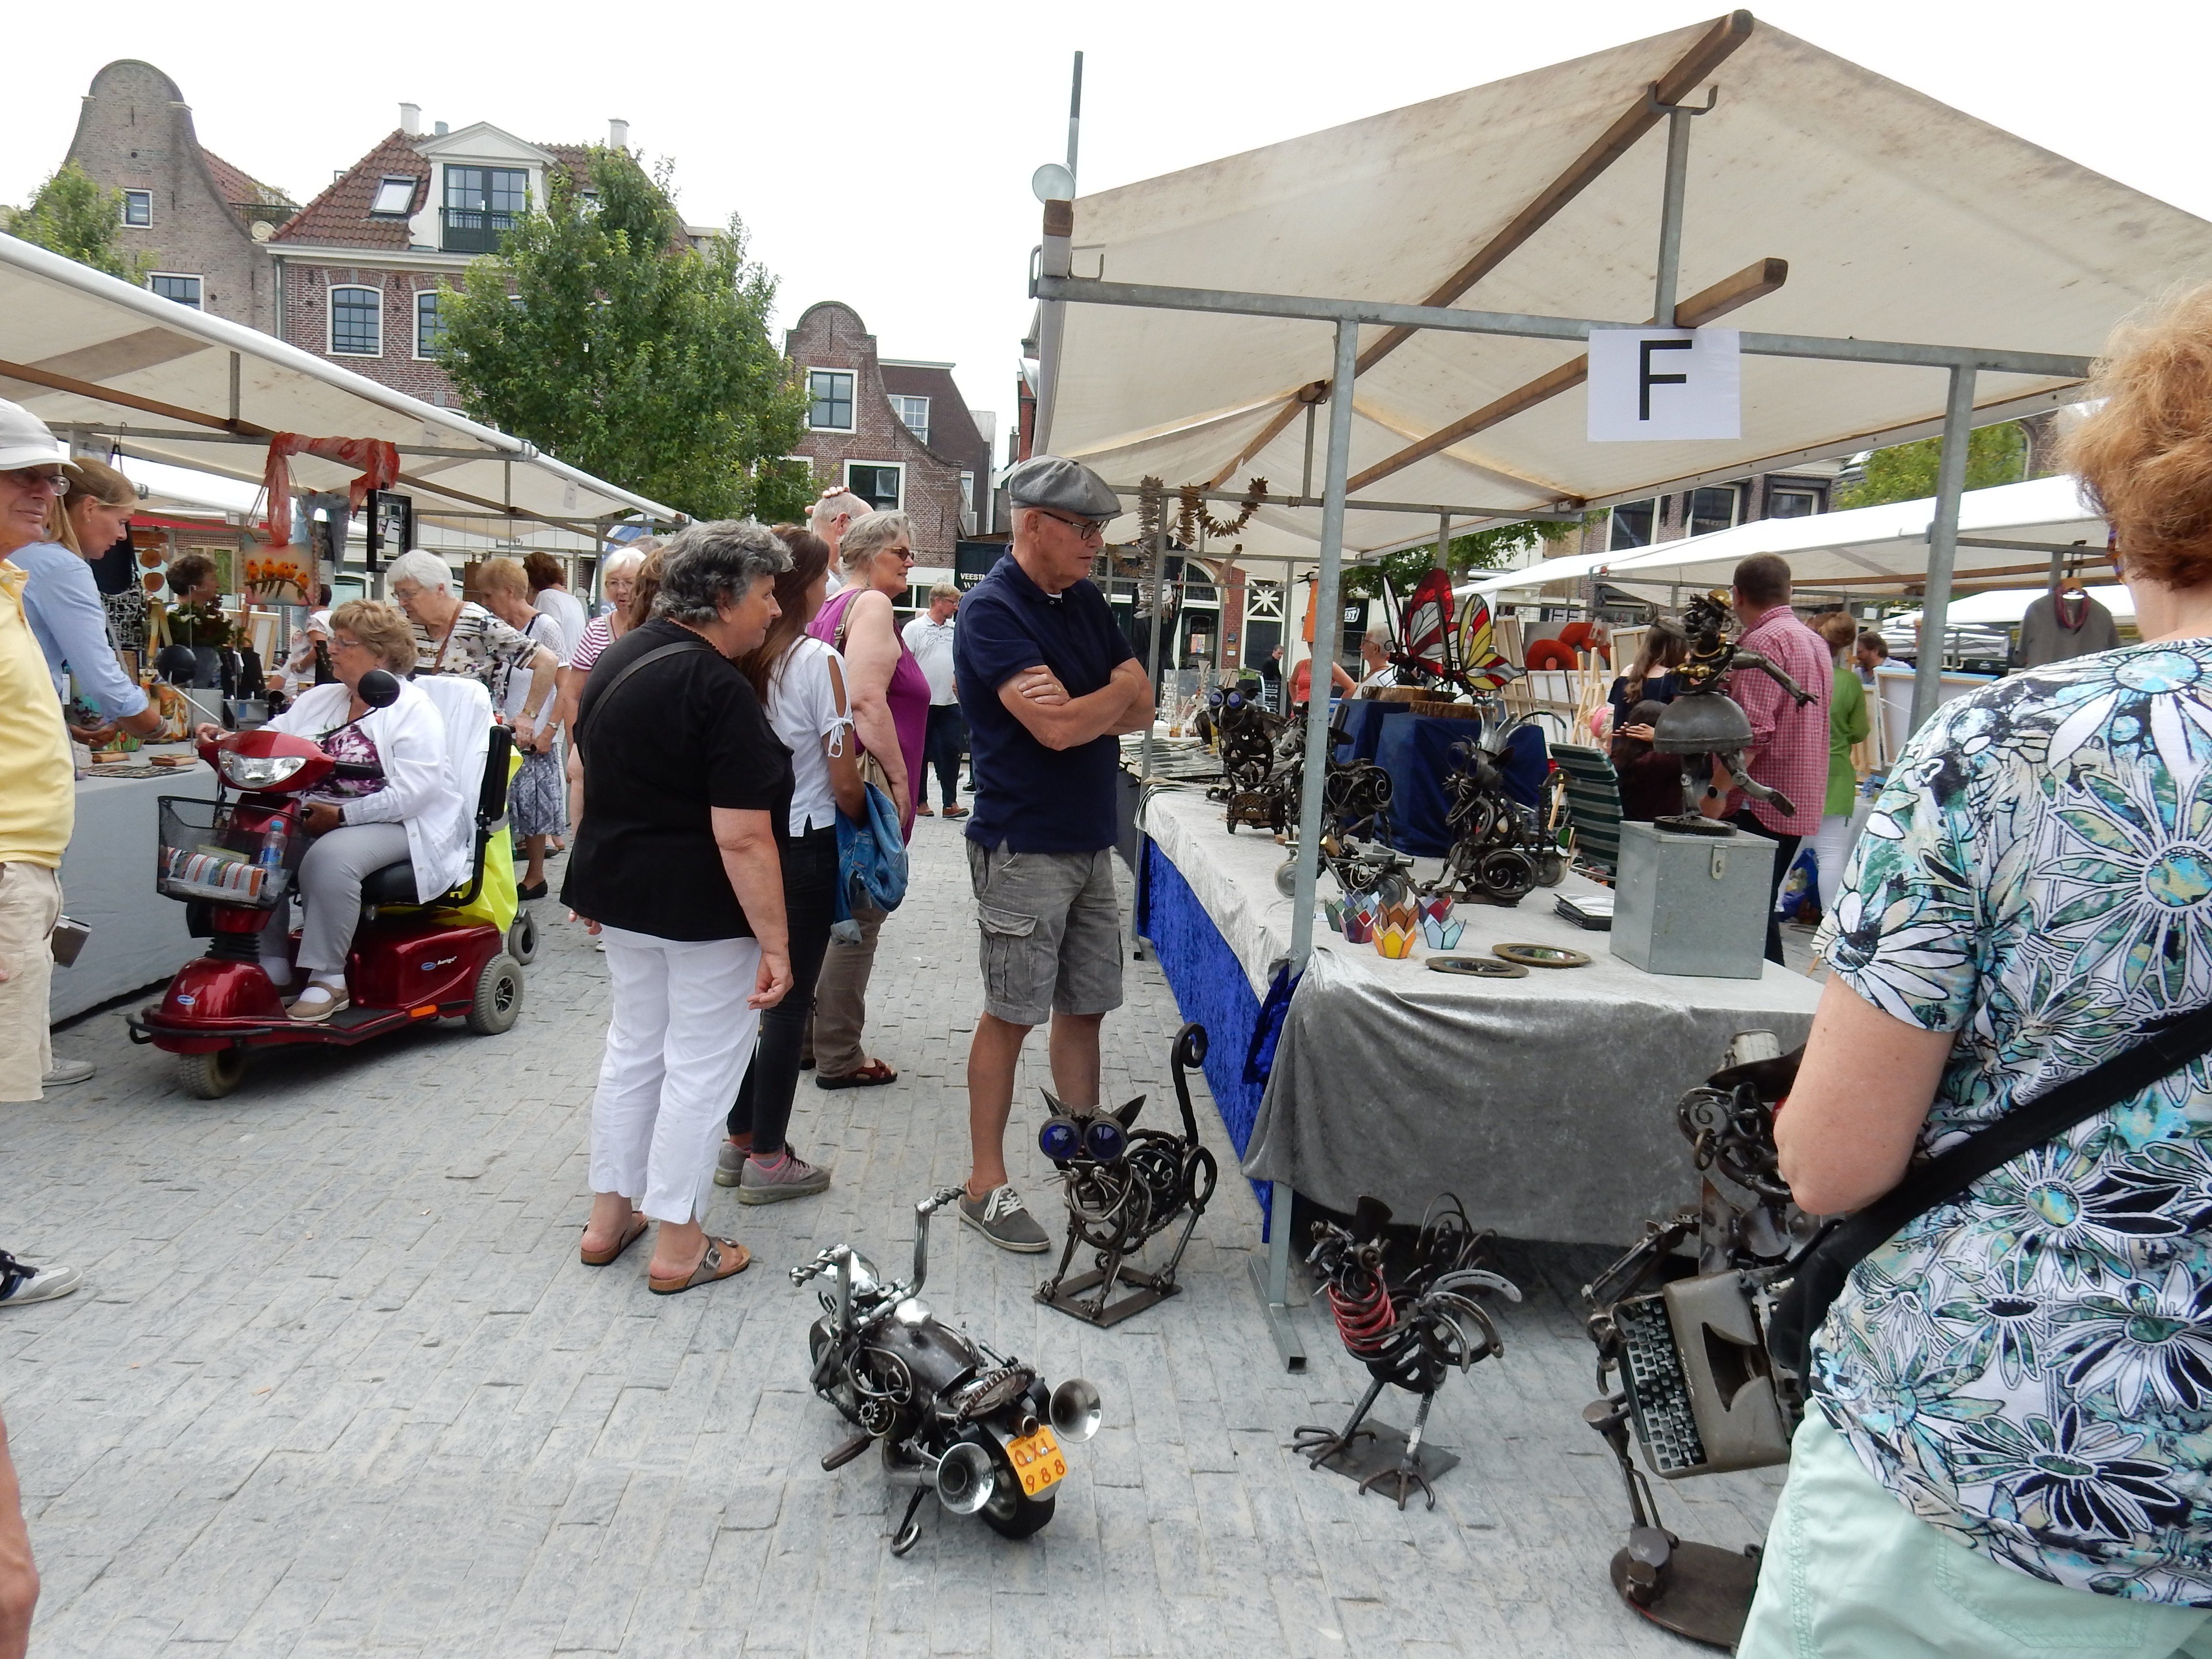 De kunstmarkt trekt jaarlijks veel belangstellenden. (Foto: aangeleverd)